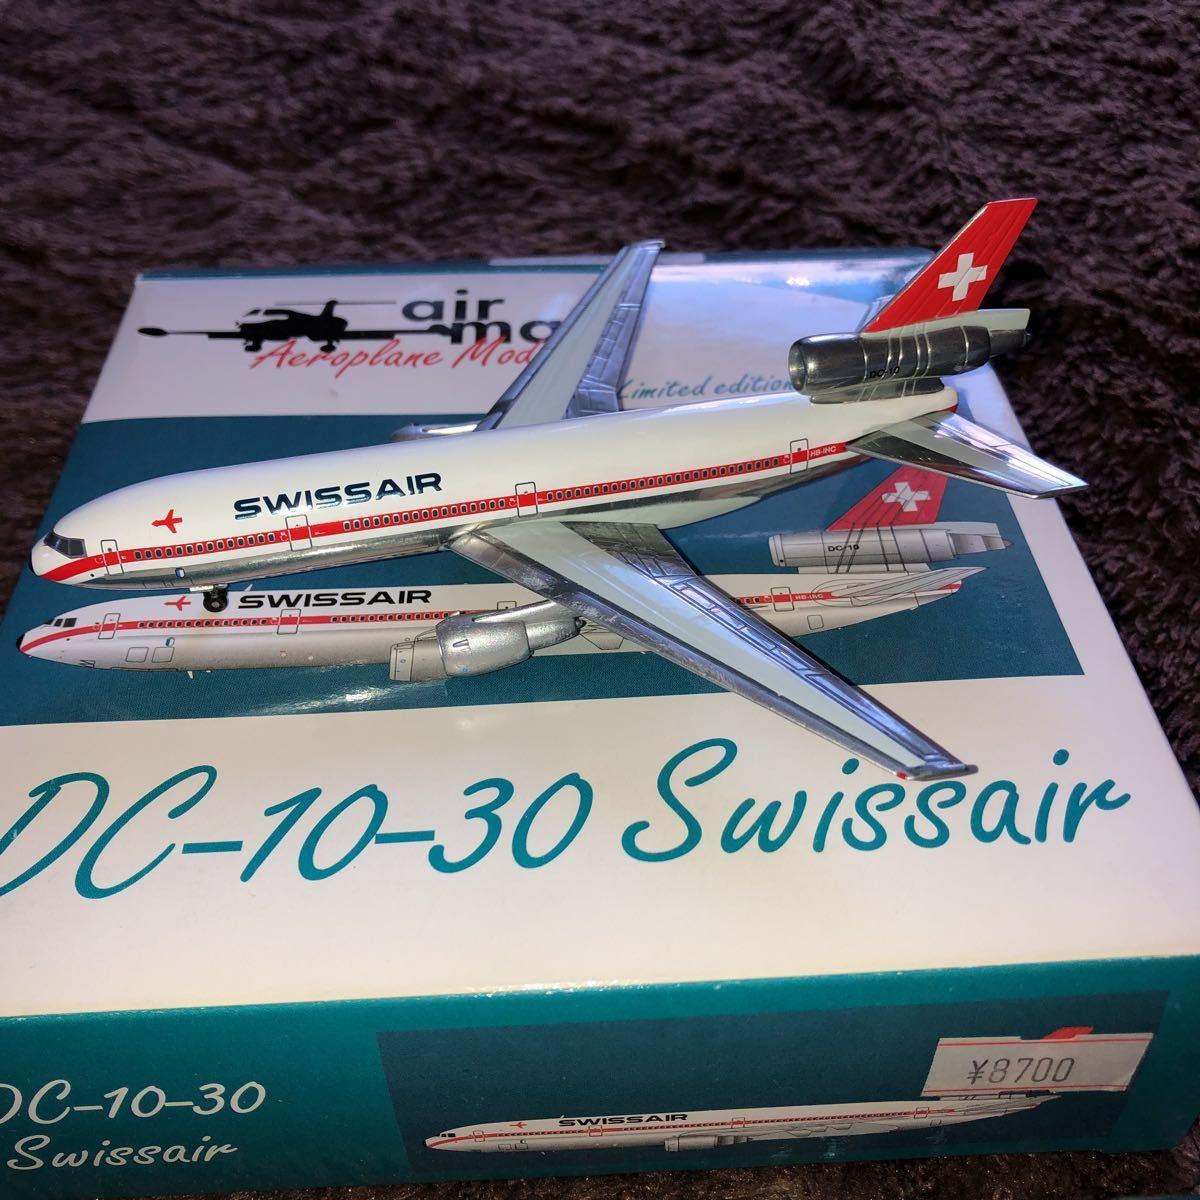 送料込み!スイス航空 DC-10-30 ダイキャスト / エアメール製 限定モデル_画像4